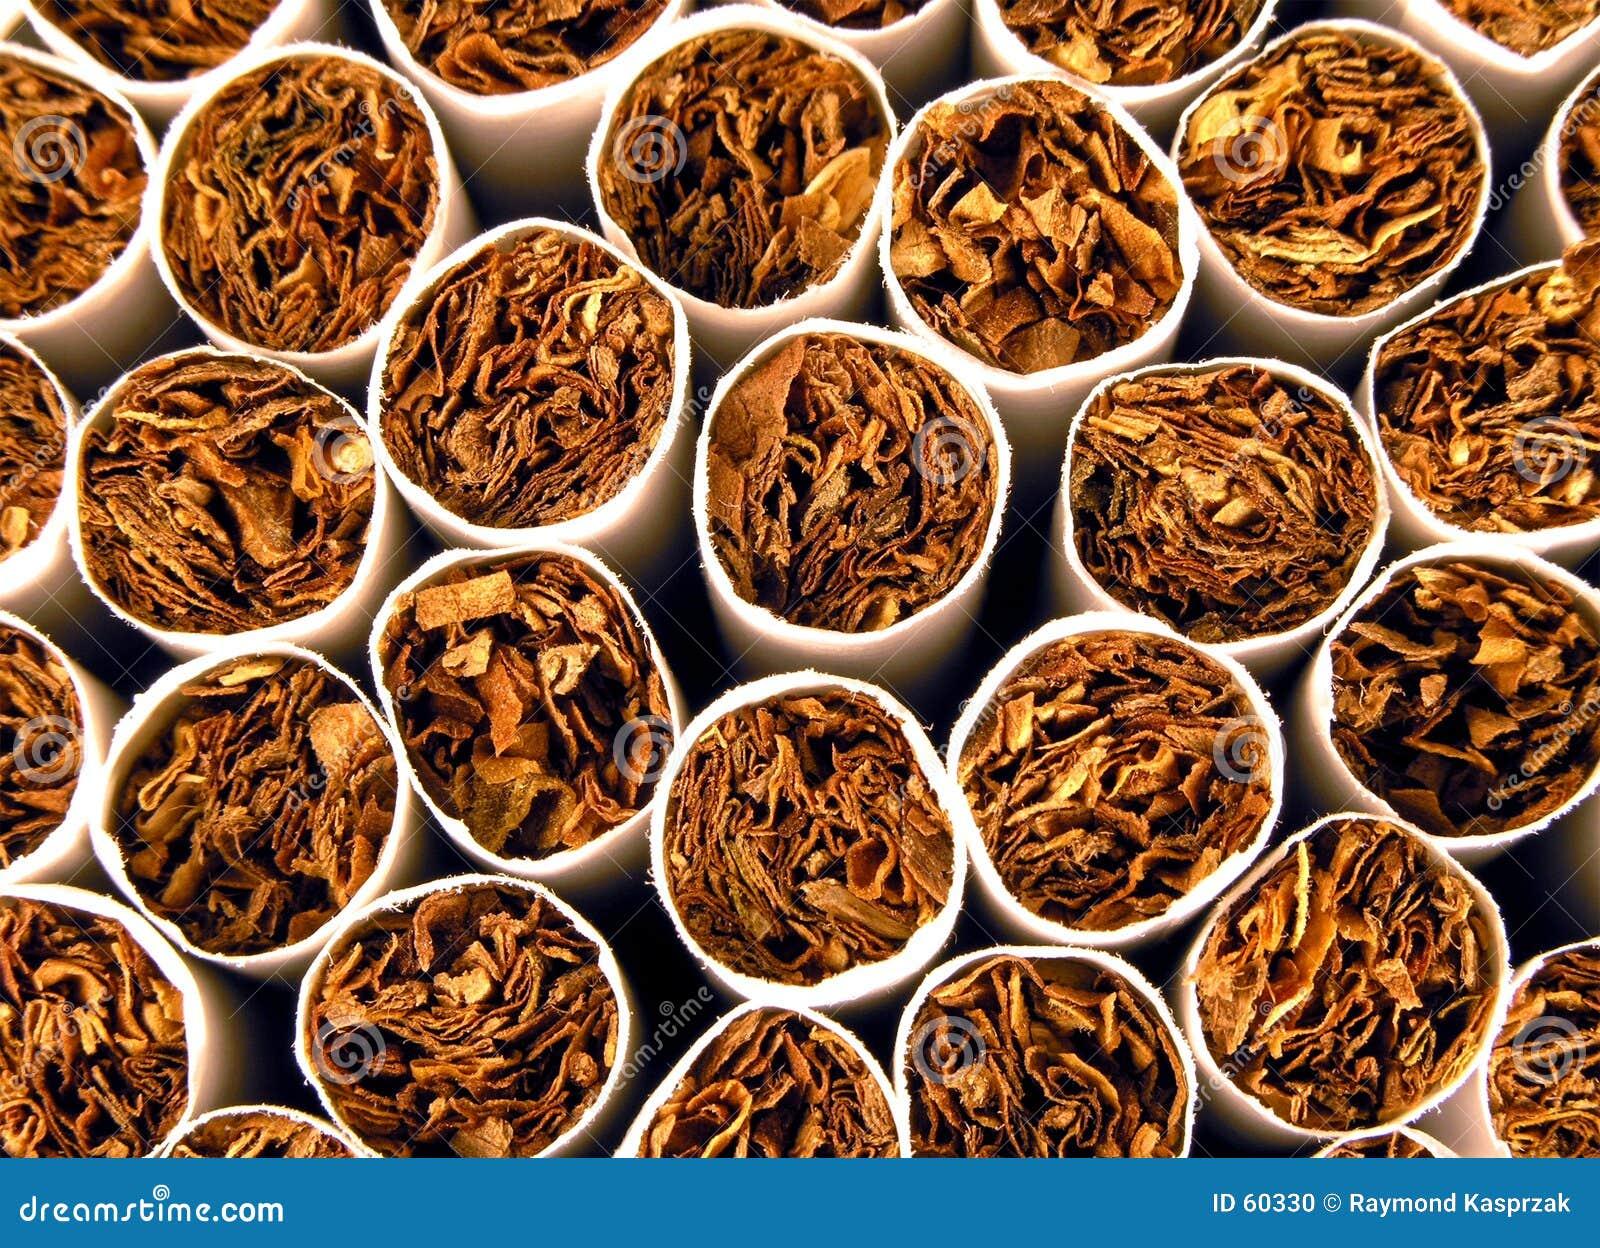 Priorità bassa del tabacco